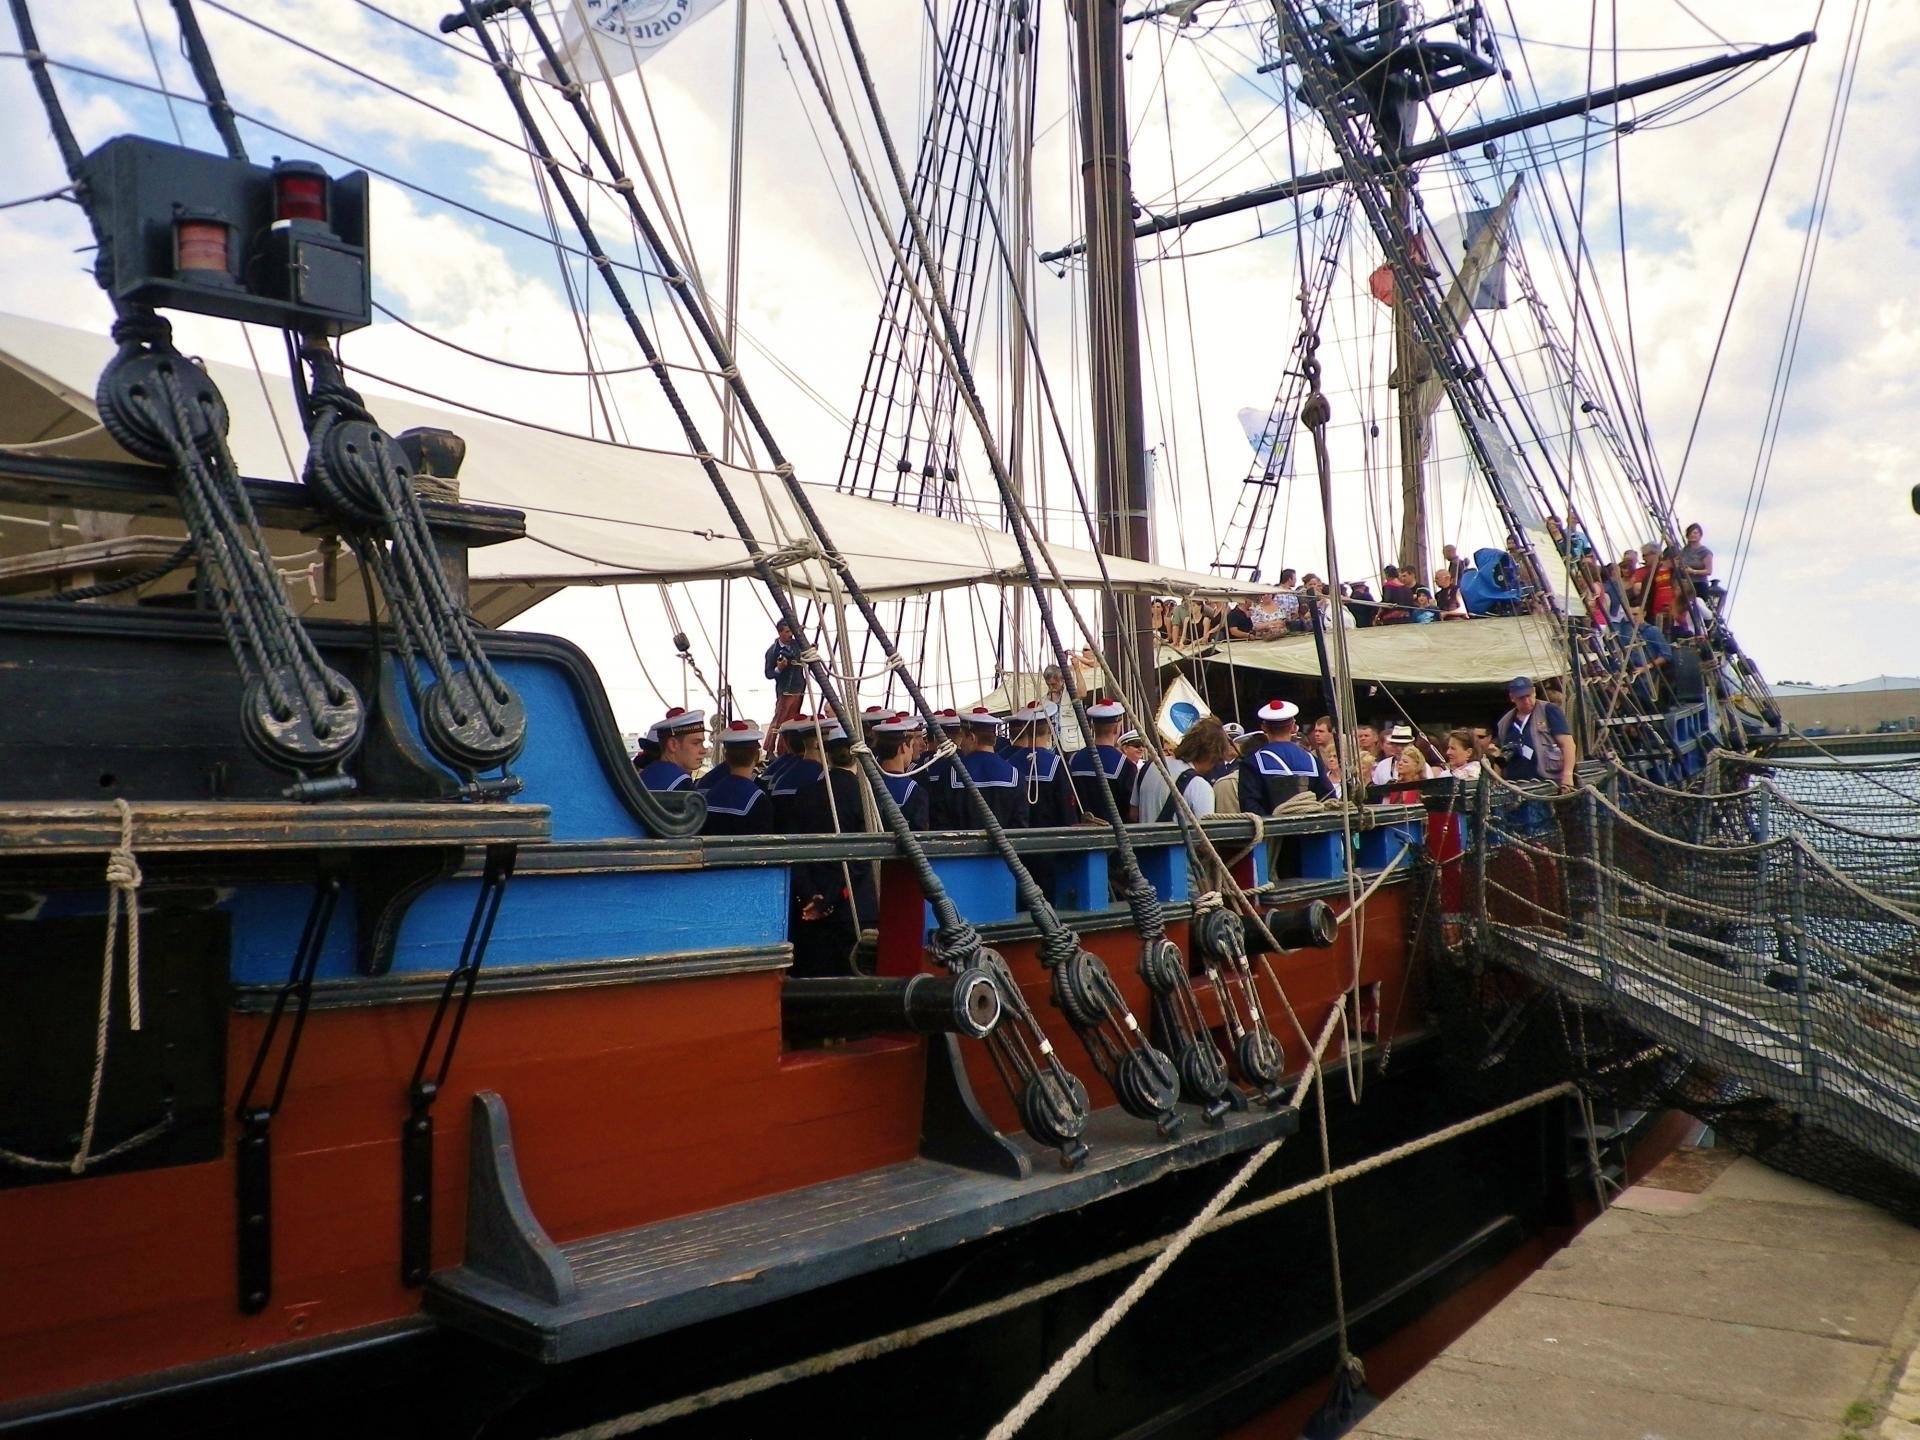 Fete maritime calais 2014 la marine a bord de l etoile du roy